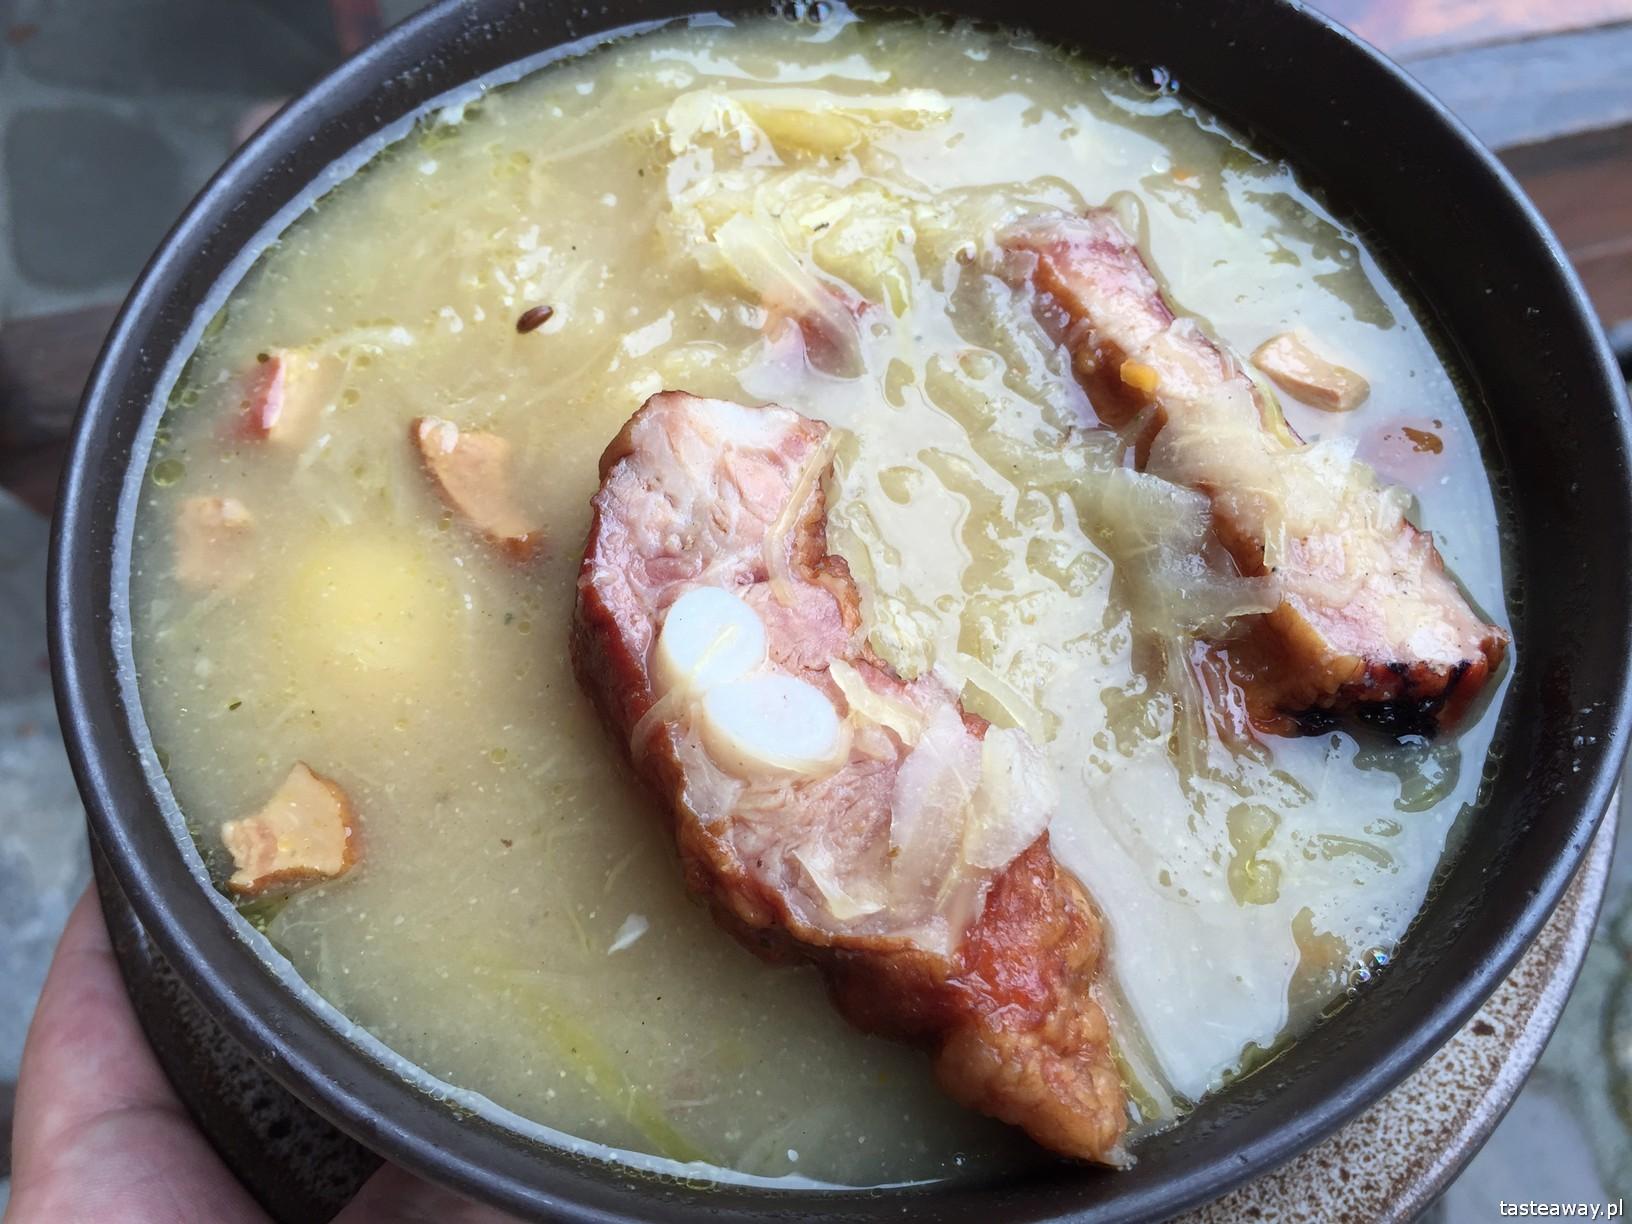 gdzie jeść w Zakopanem, Zakopane i okolice, Bukowina Tatrzańska, gdzie jeść w Bukowinie, kwaśnica, najlepsza kwaśnica